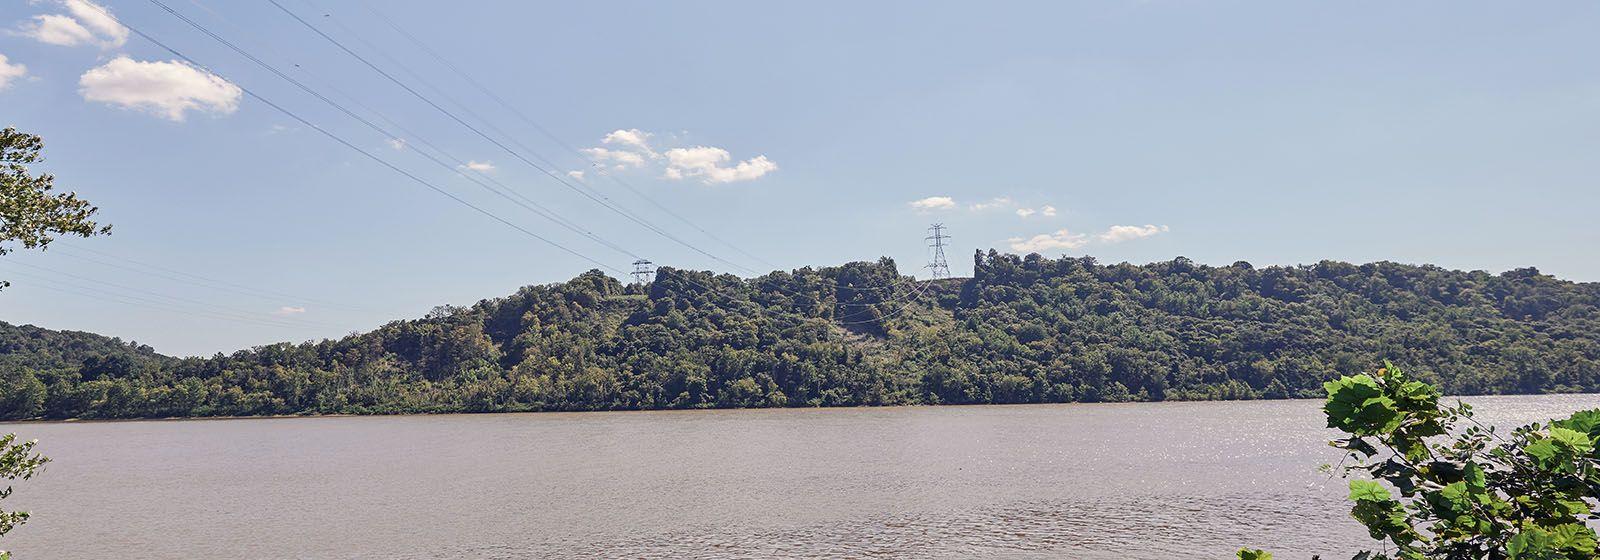 How Duke Energy rebuilt major transmission lines across the Ohio River